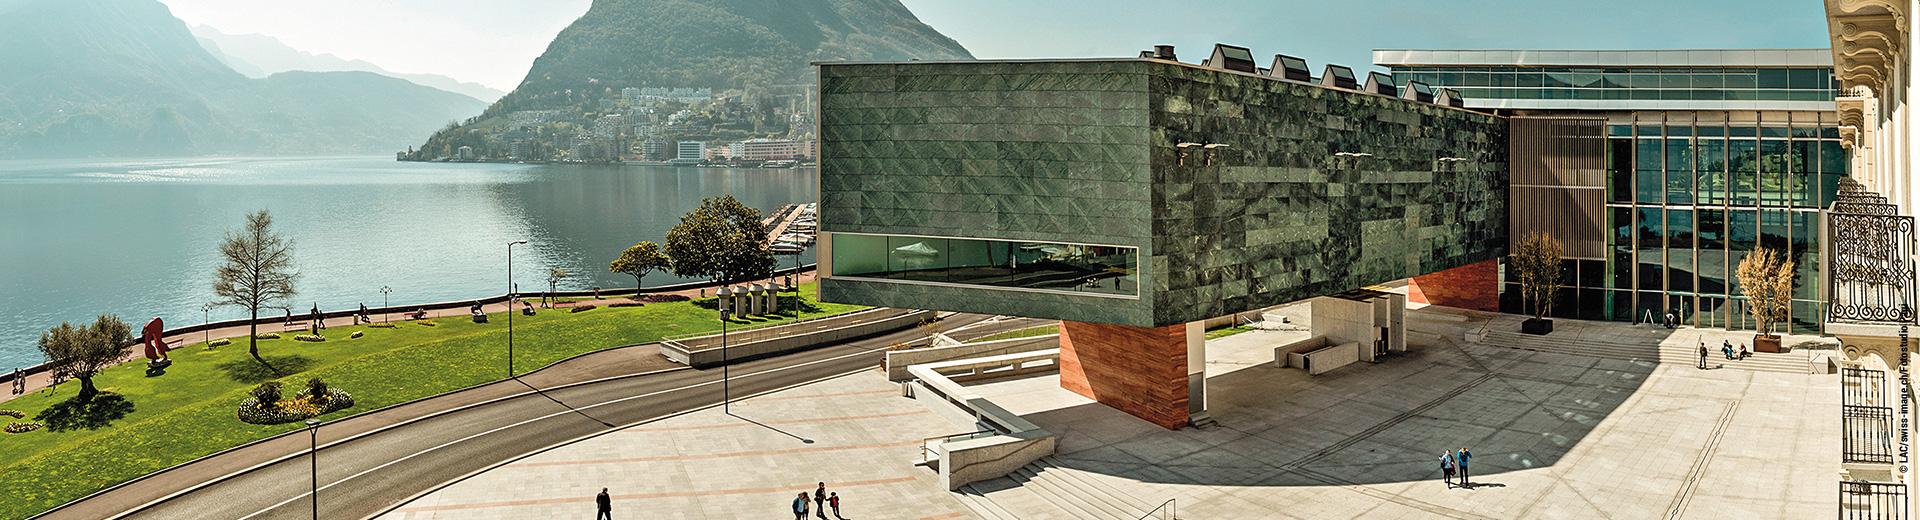 Lugano Picasso